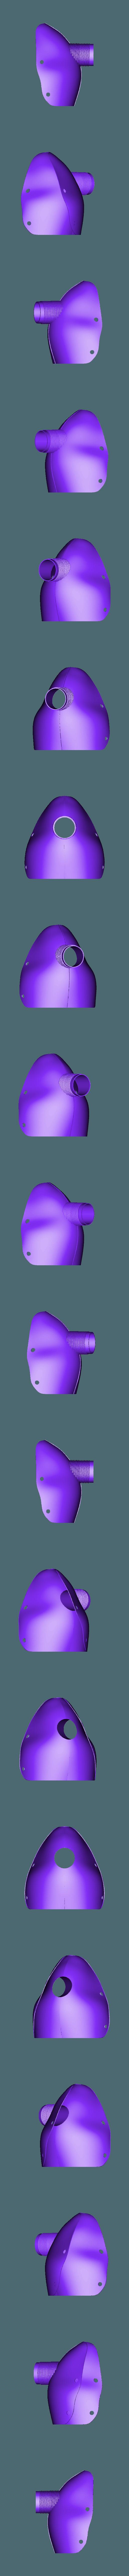 Mascherina_COVID-19_struttura_V2_5.stl Download free STL file Mascherina-COVID-19 • 3D printable design, marcogenito